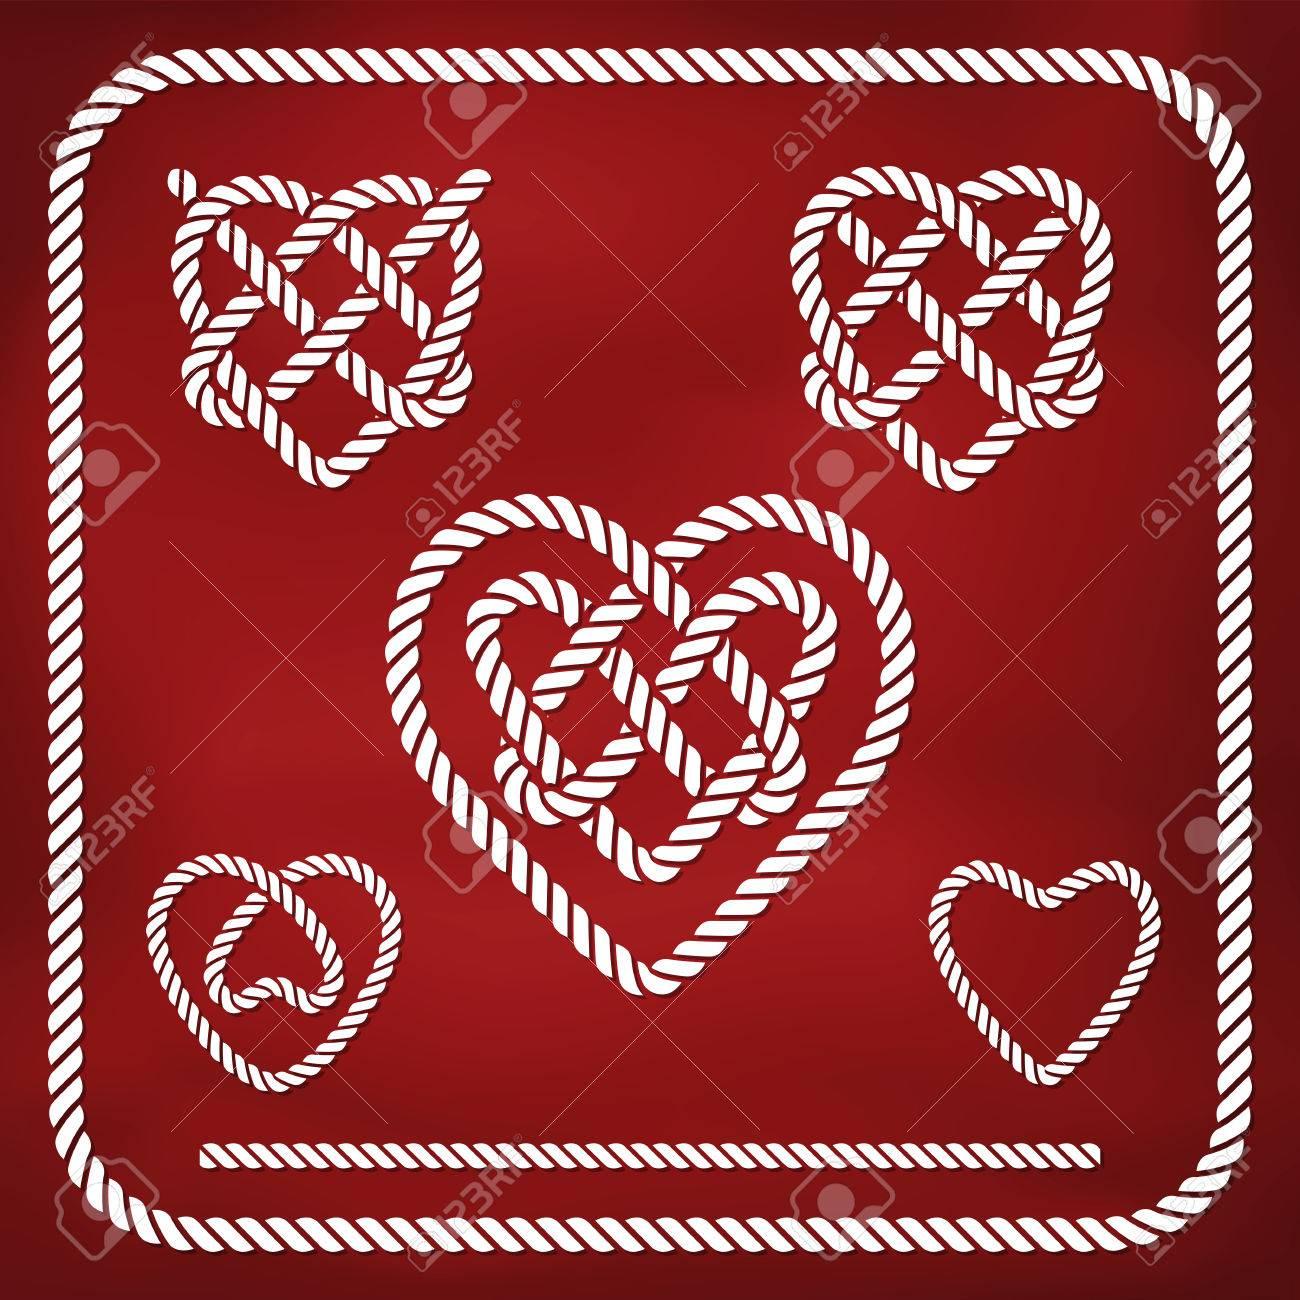 Heart shape rope knots set - 23545458